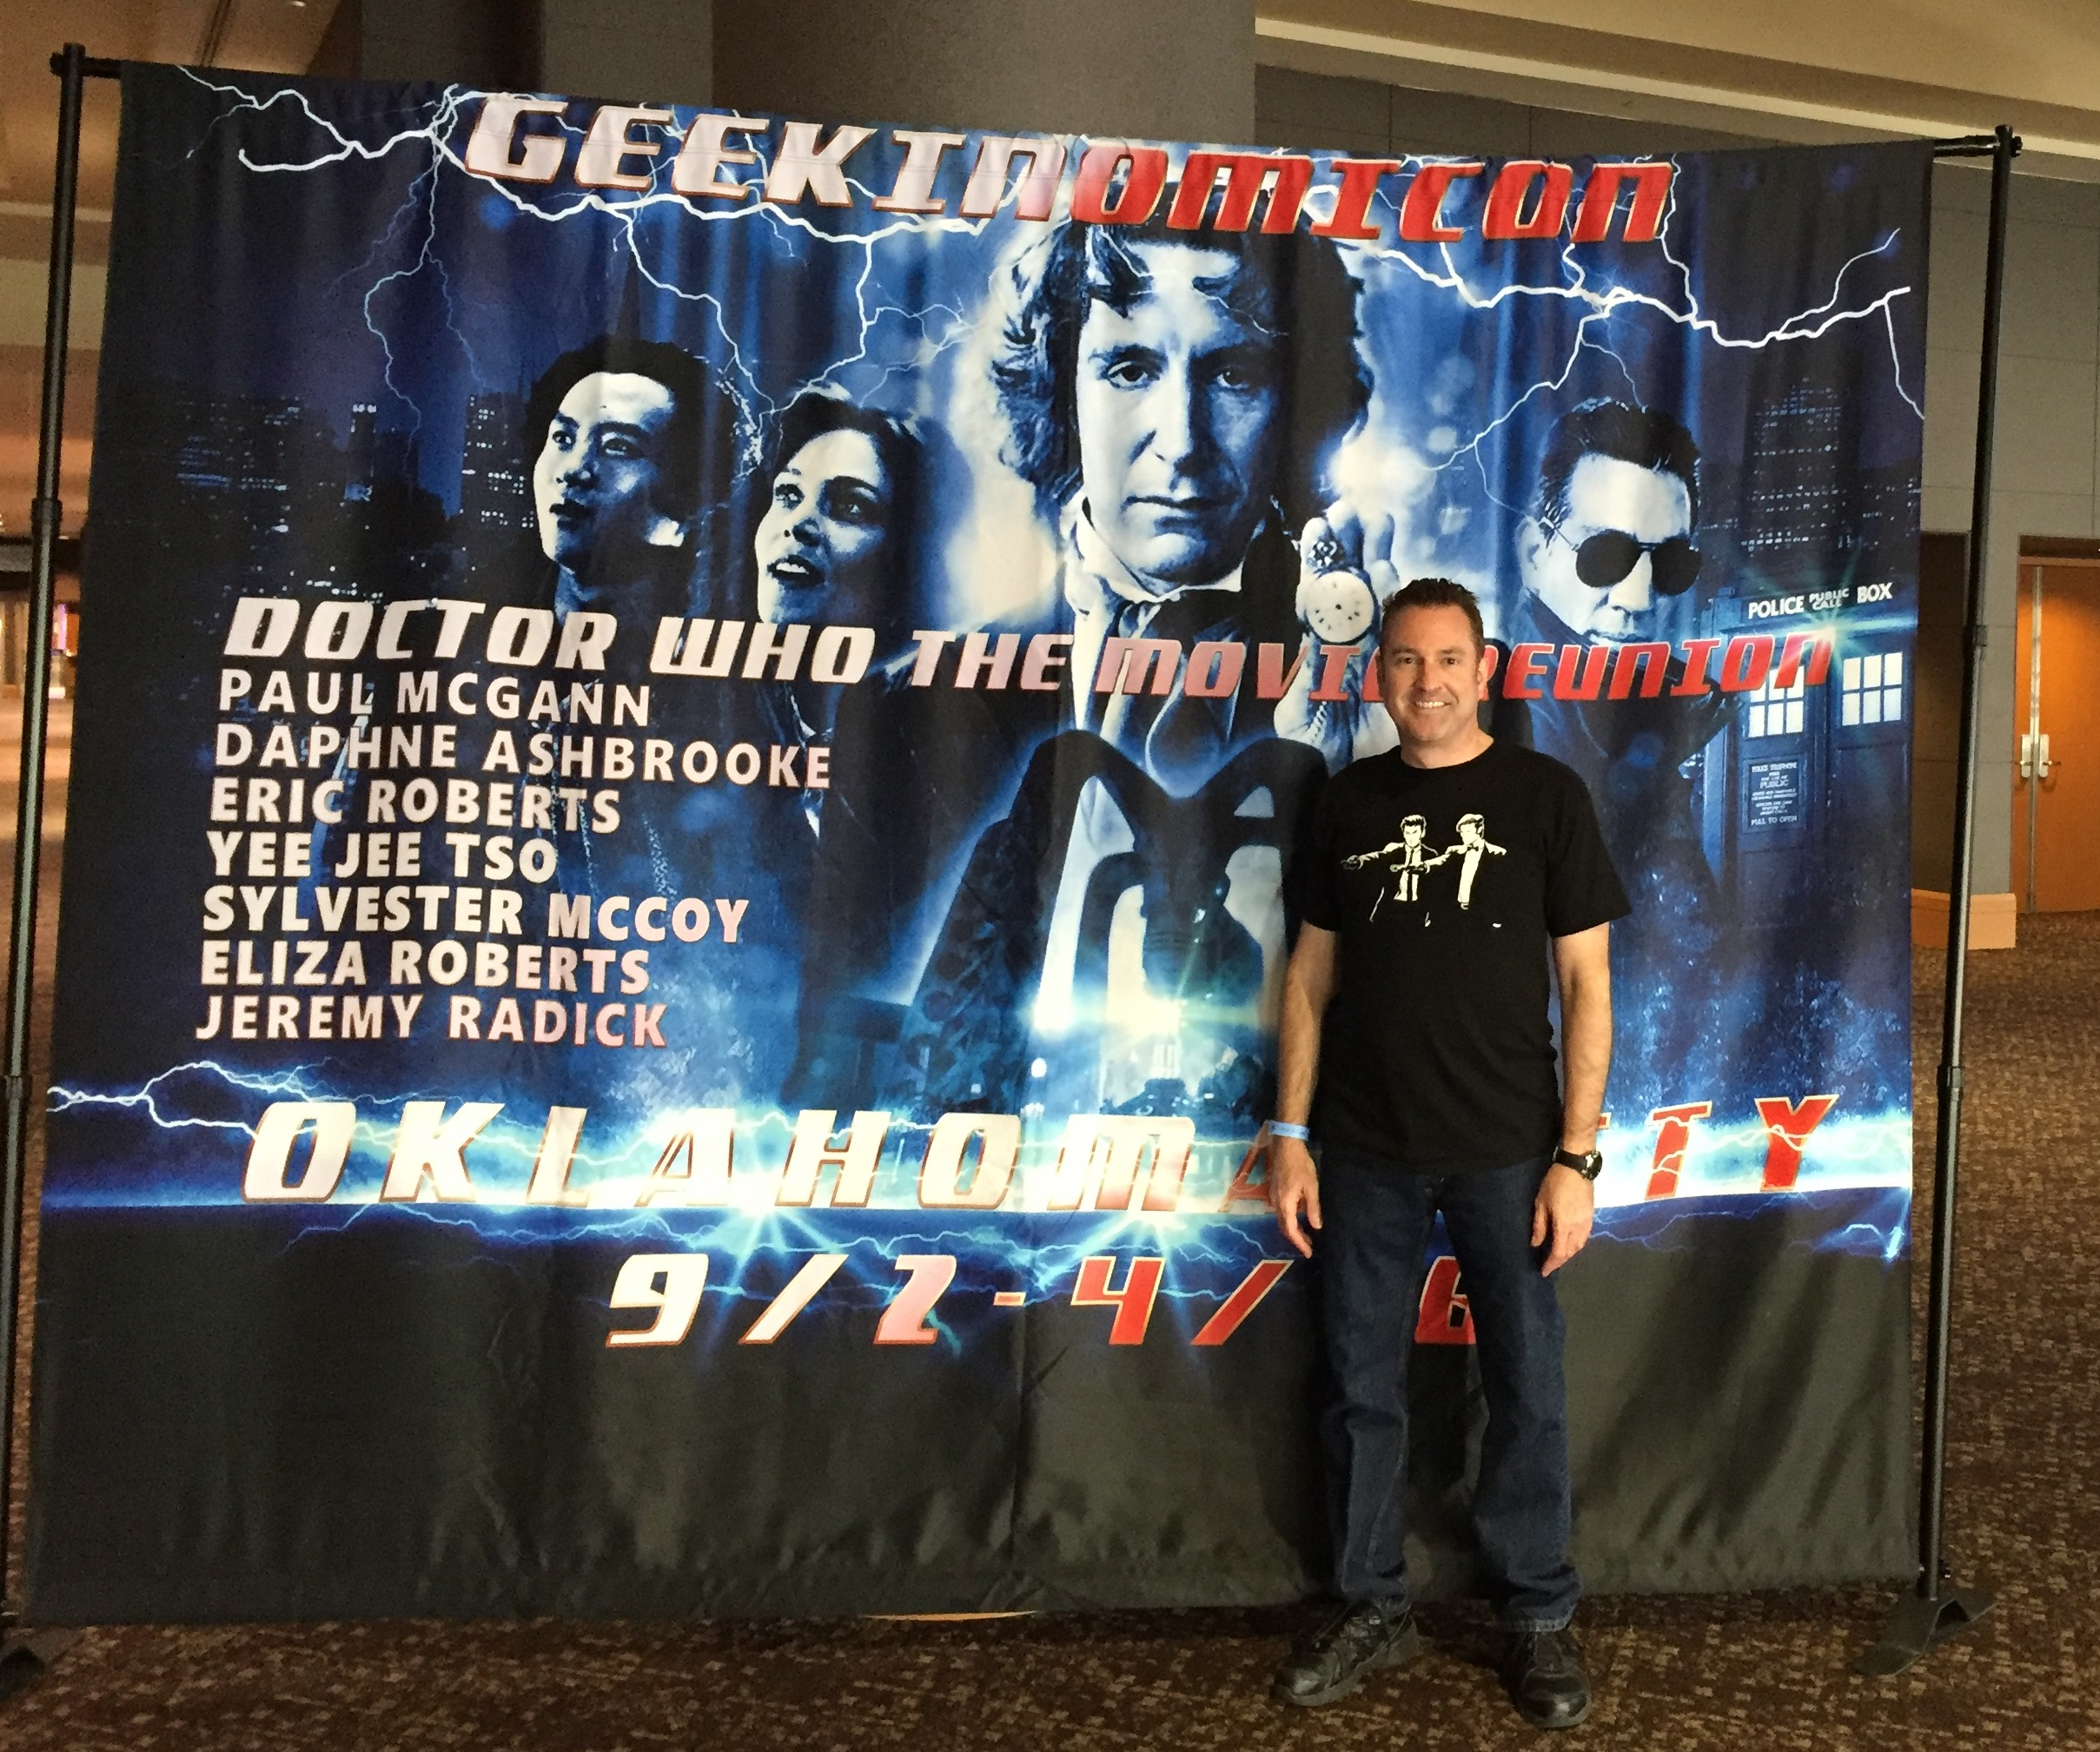 [Jaz at Geekinomicon 2016 -- PHOTO COPYRIGHT 2016 BY JAZ PRIMO]